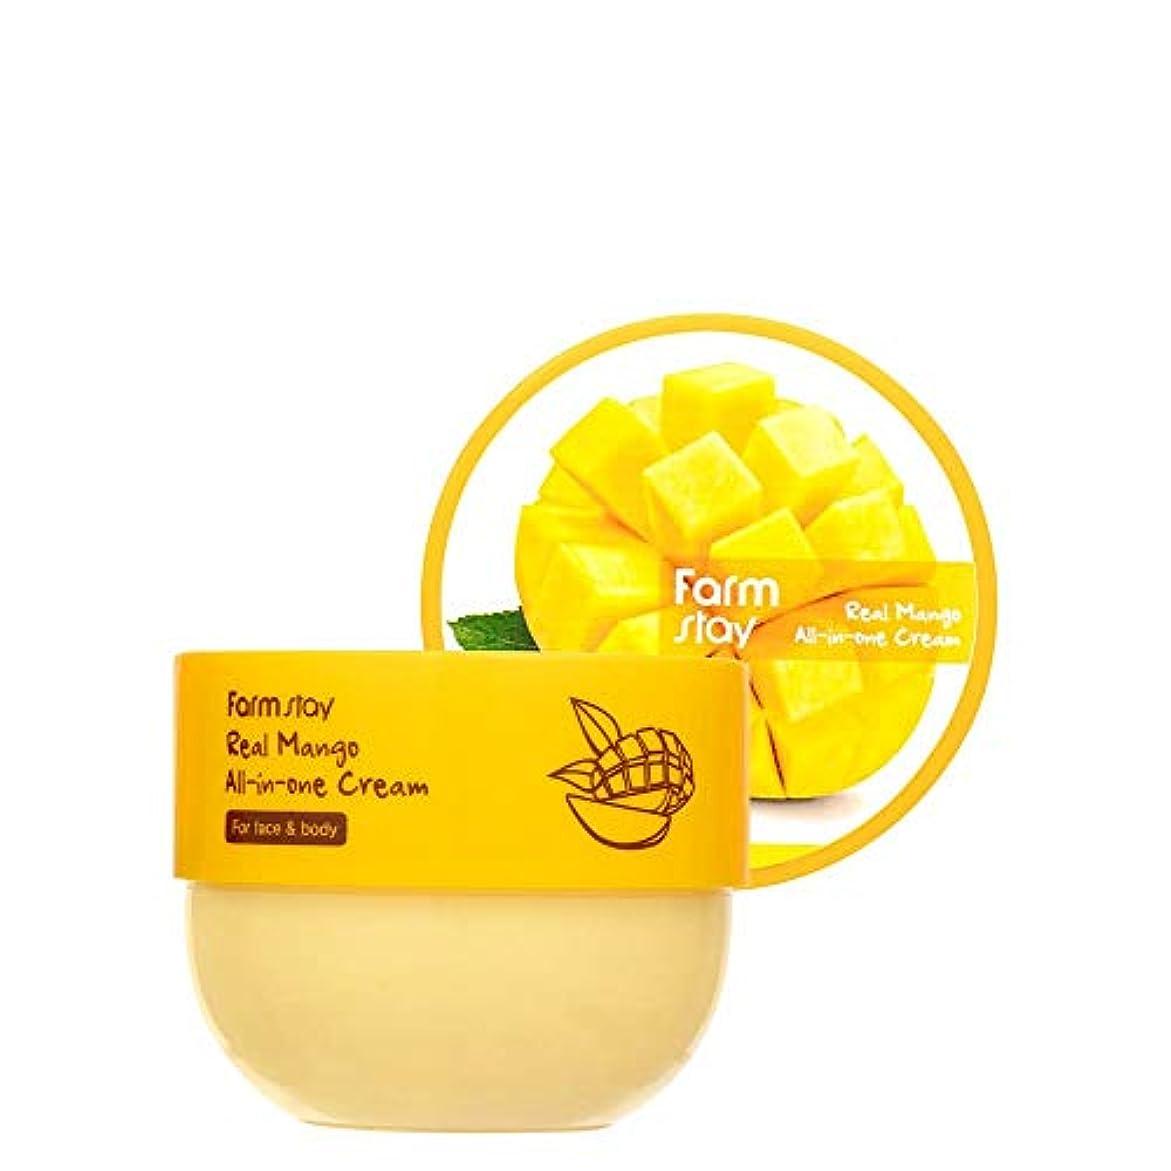 偽装する恨みたまにファームステイ[Farm Stay] リアルマンゴーオールインワンクリーム 300ml / Real Mango All-in-One Cream